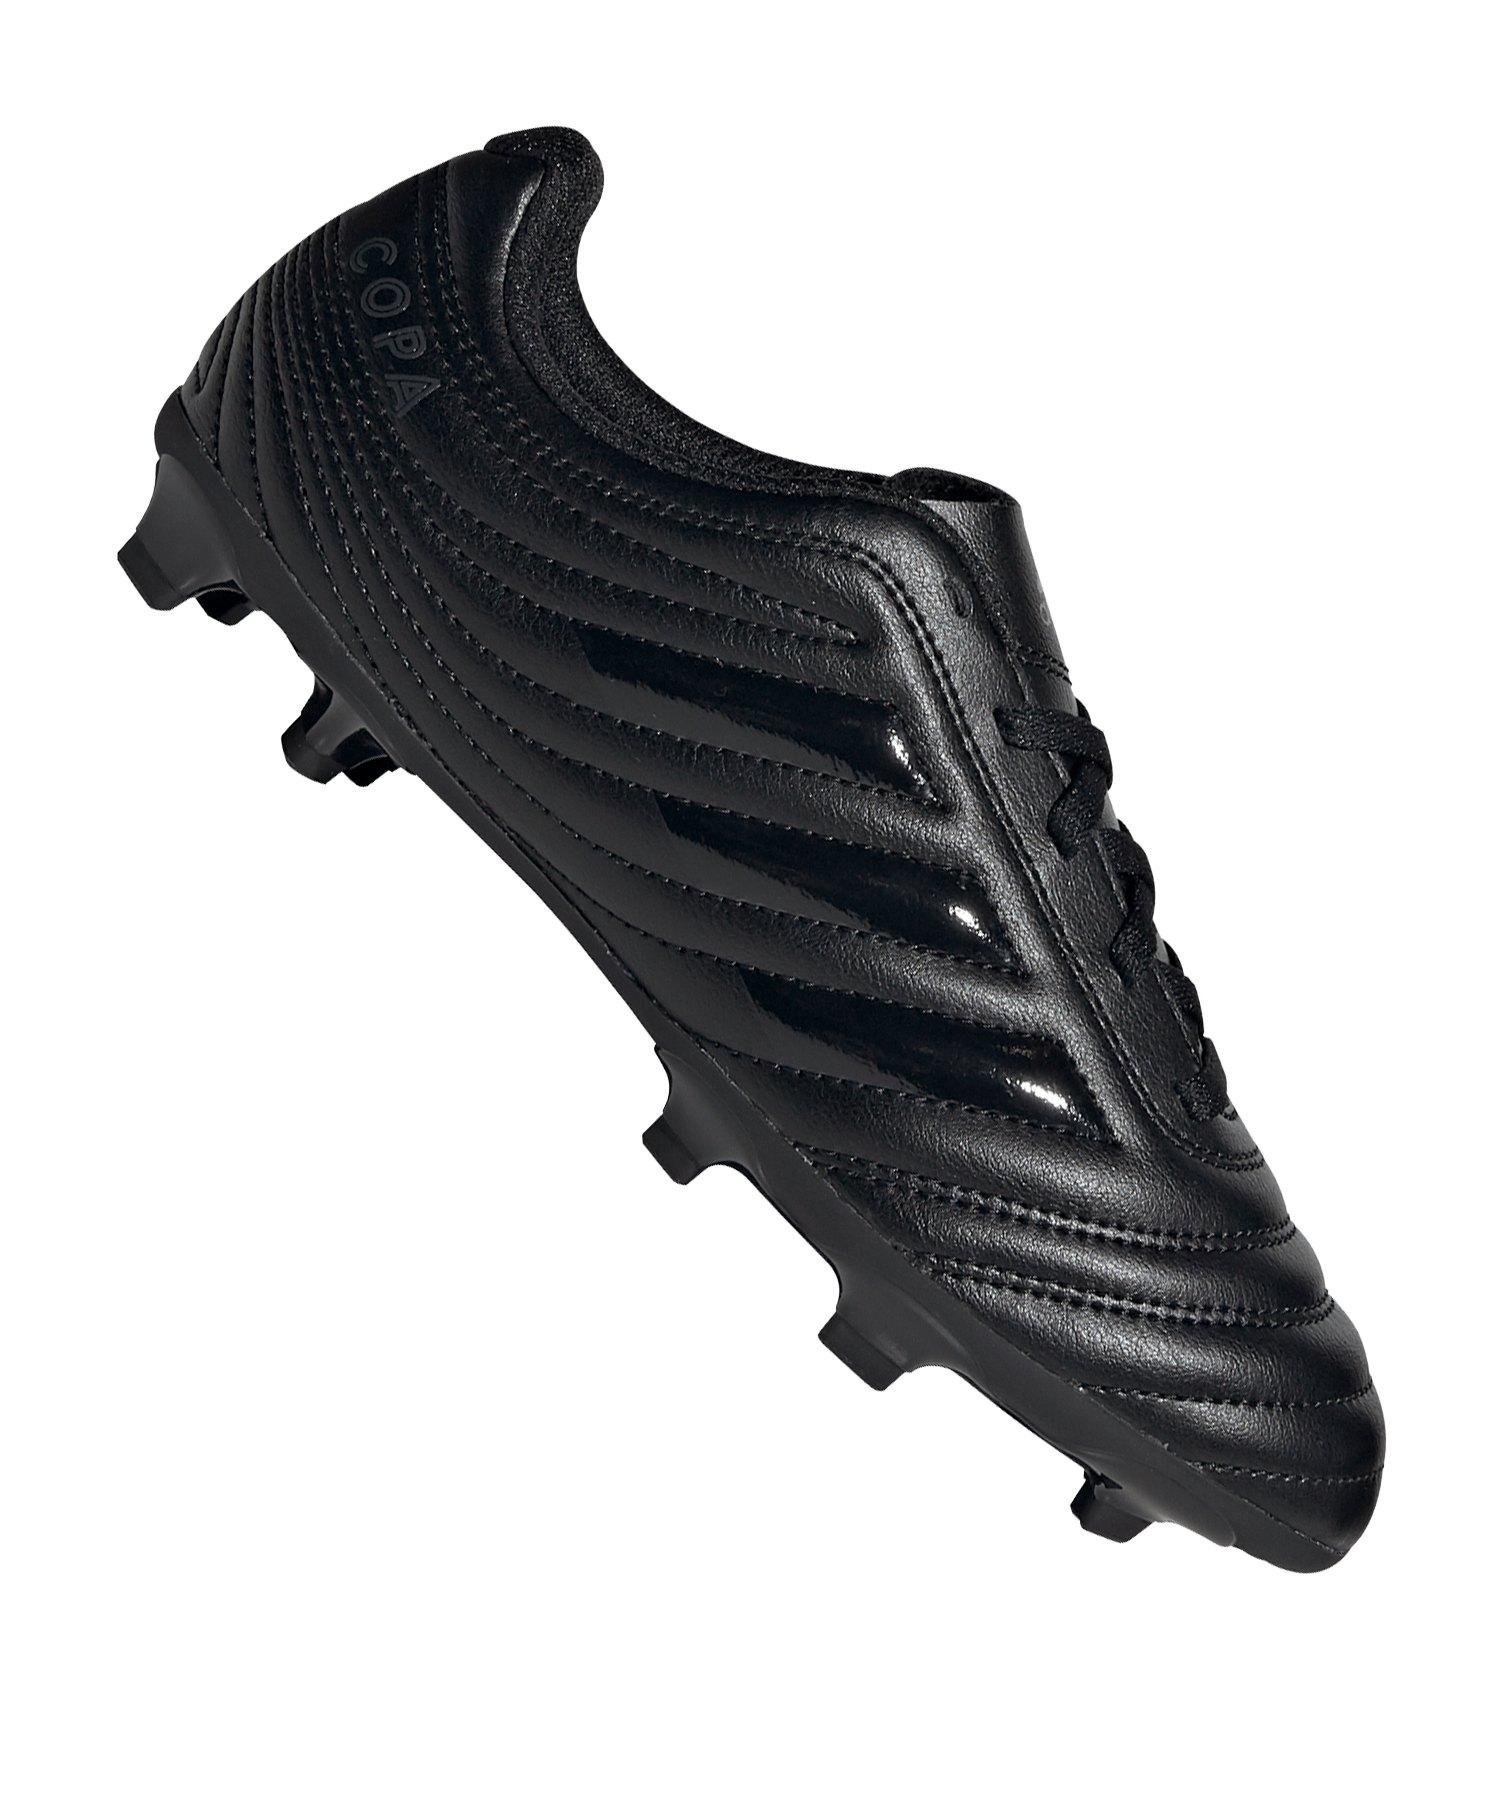 adidas COPA 20.4 FG J Kids Schwarz Grau - schwarz